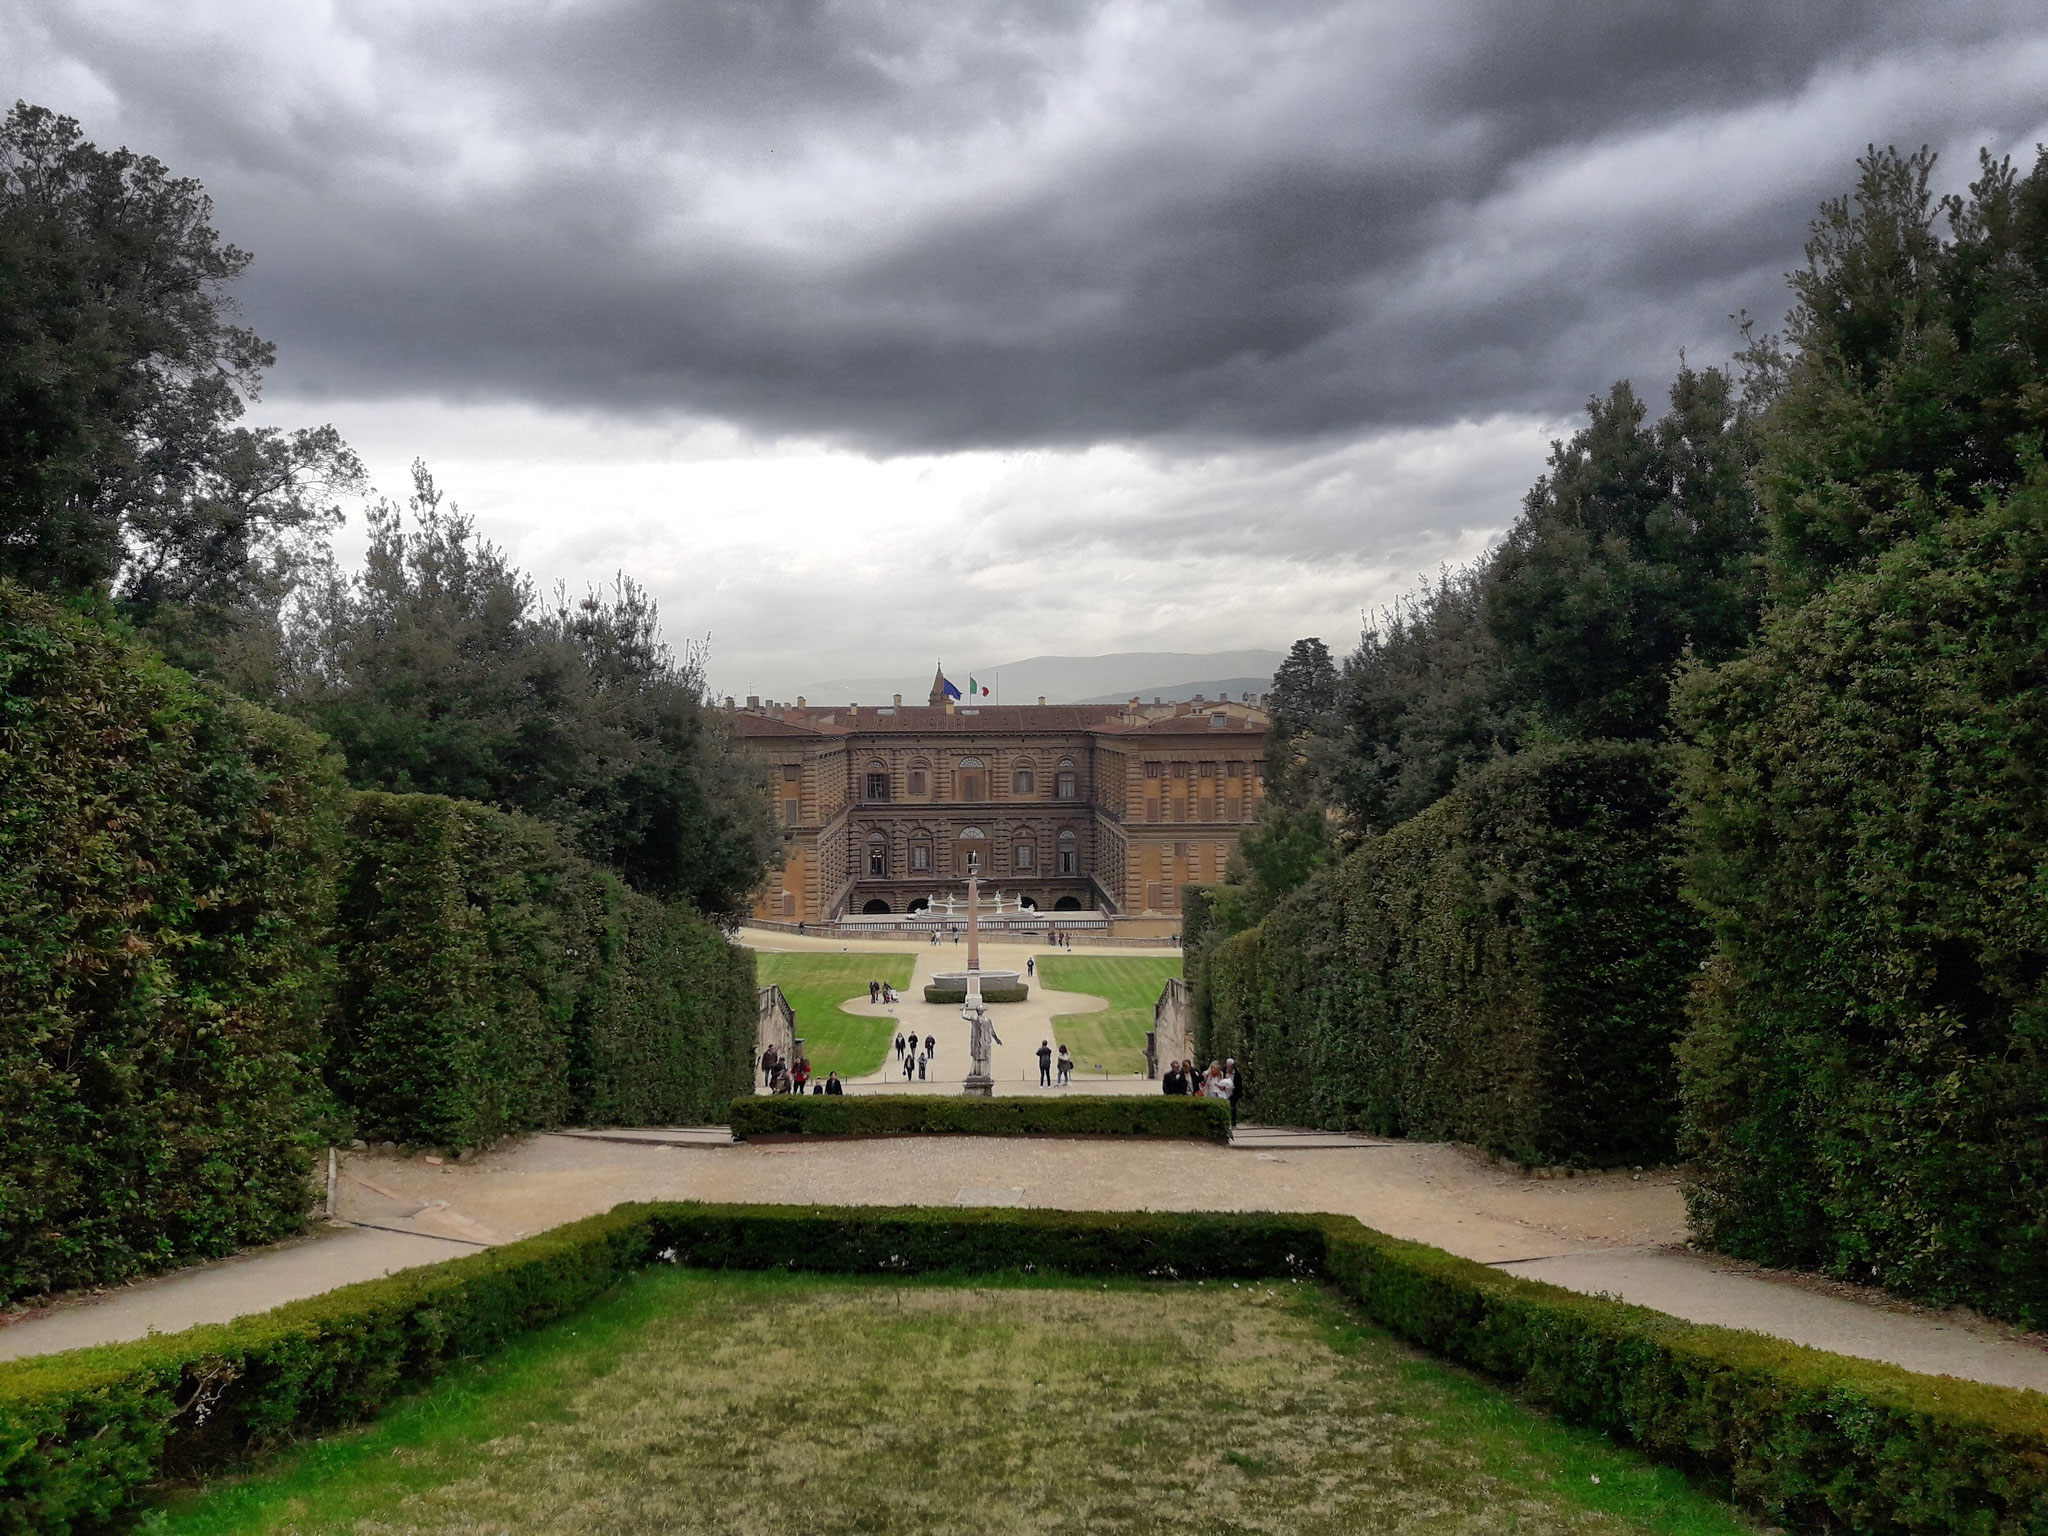 De tuinen van het Palazzo Pitti